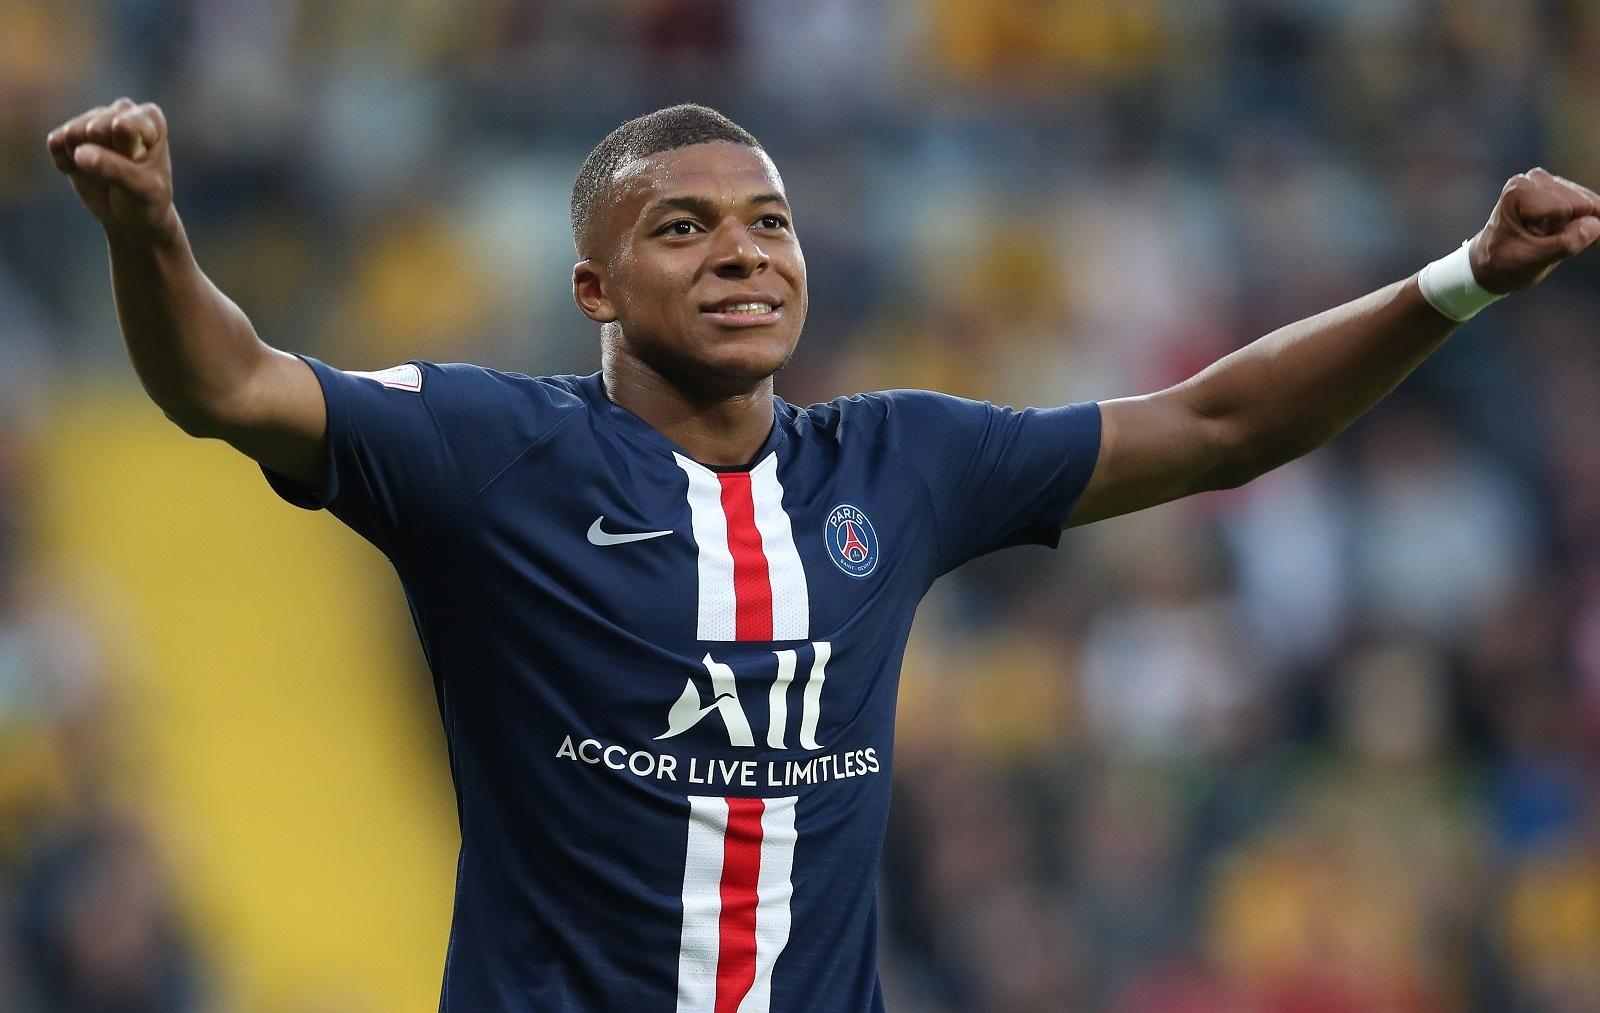 نتيجة مباراة باريس سان جيرمان ونورنبيرغ بتاريخ 20-07-2019 مباراة ودية